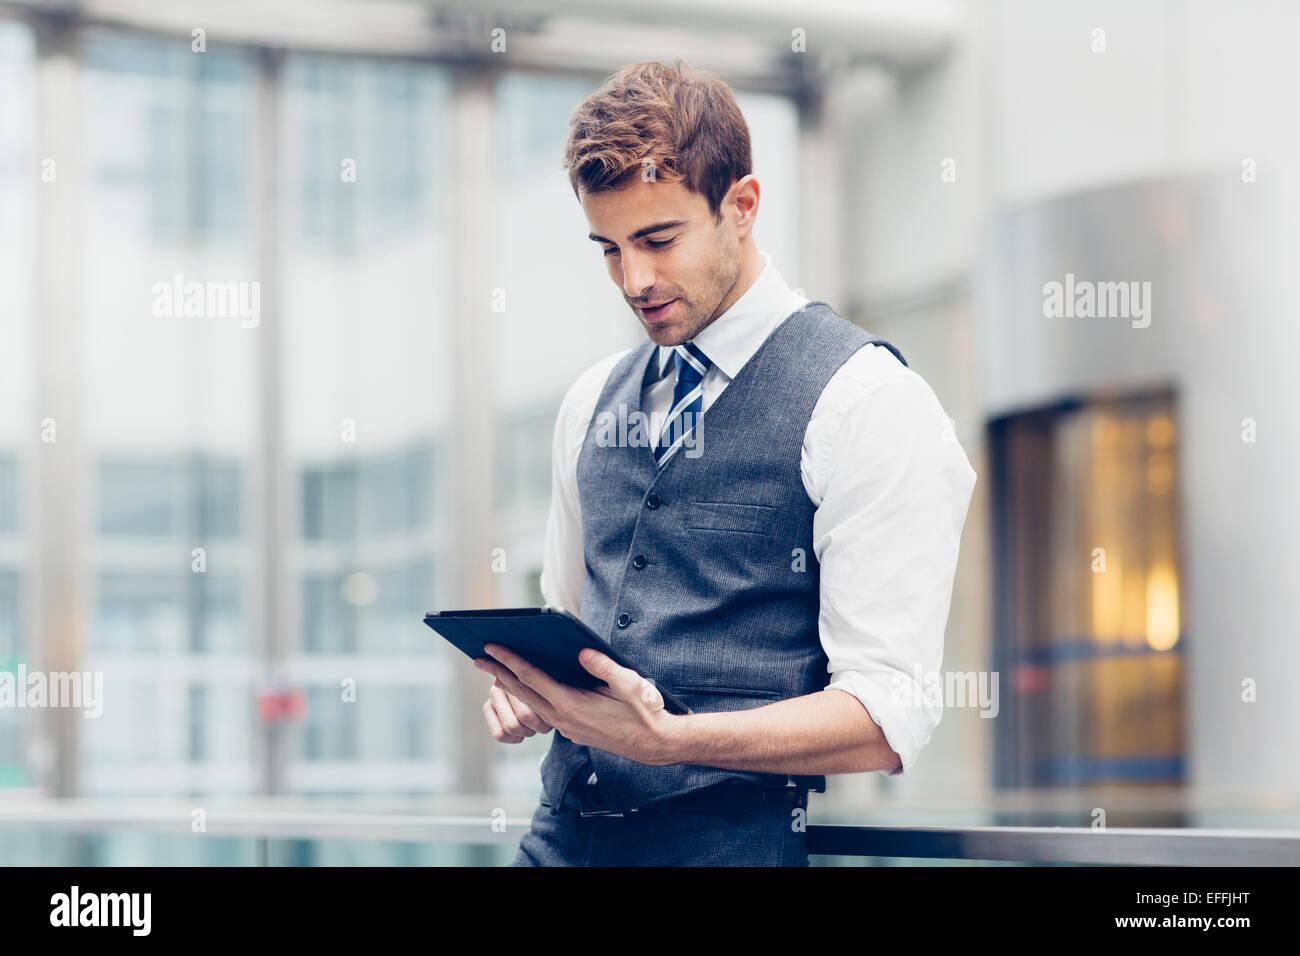 Ritratto di un imprenditore lavora Immagini Stock